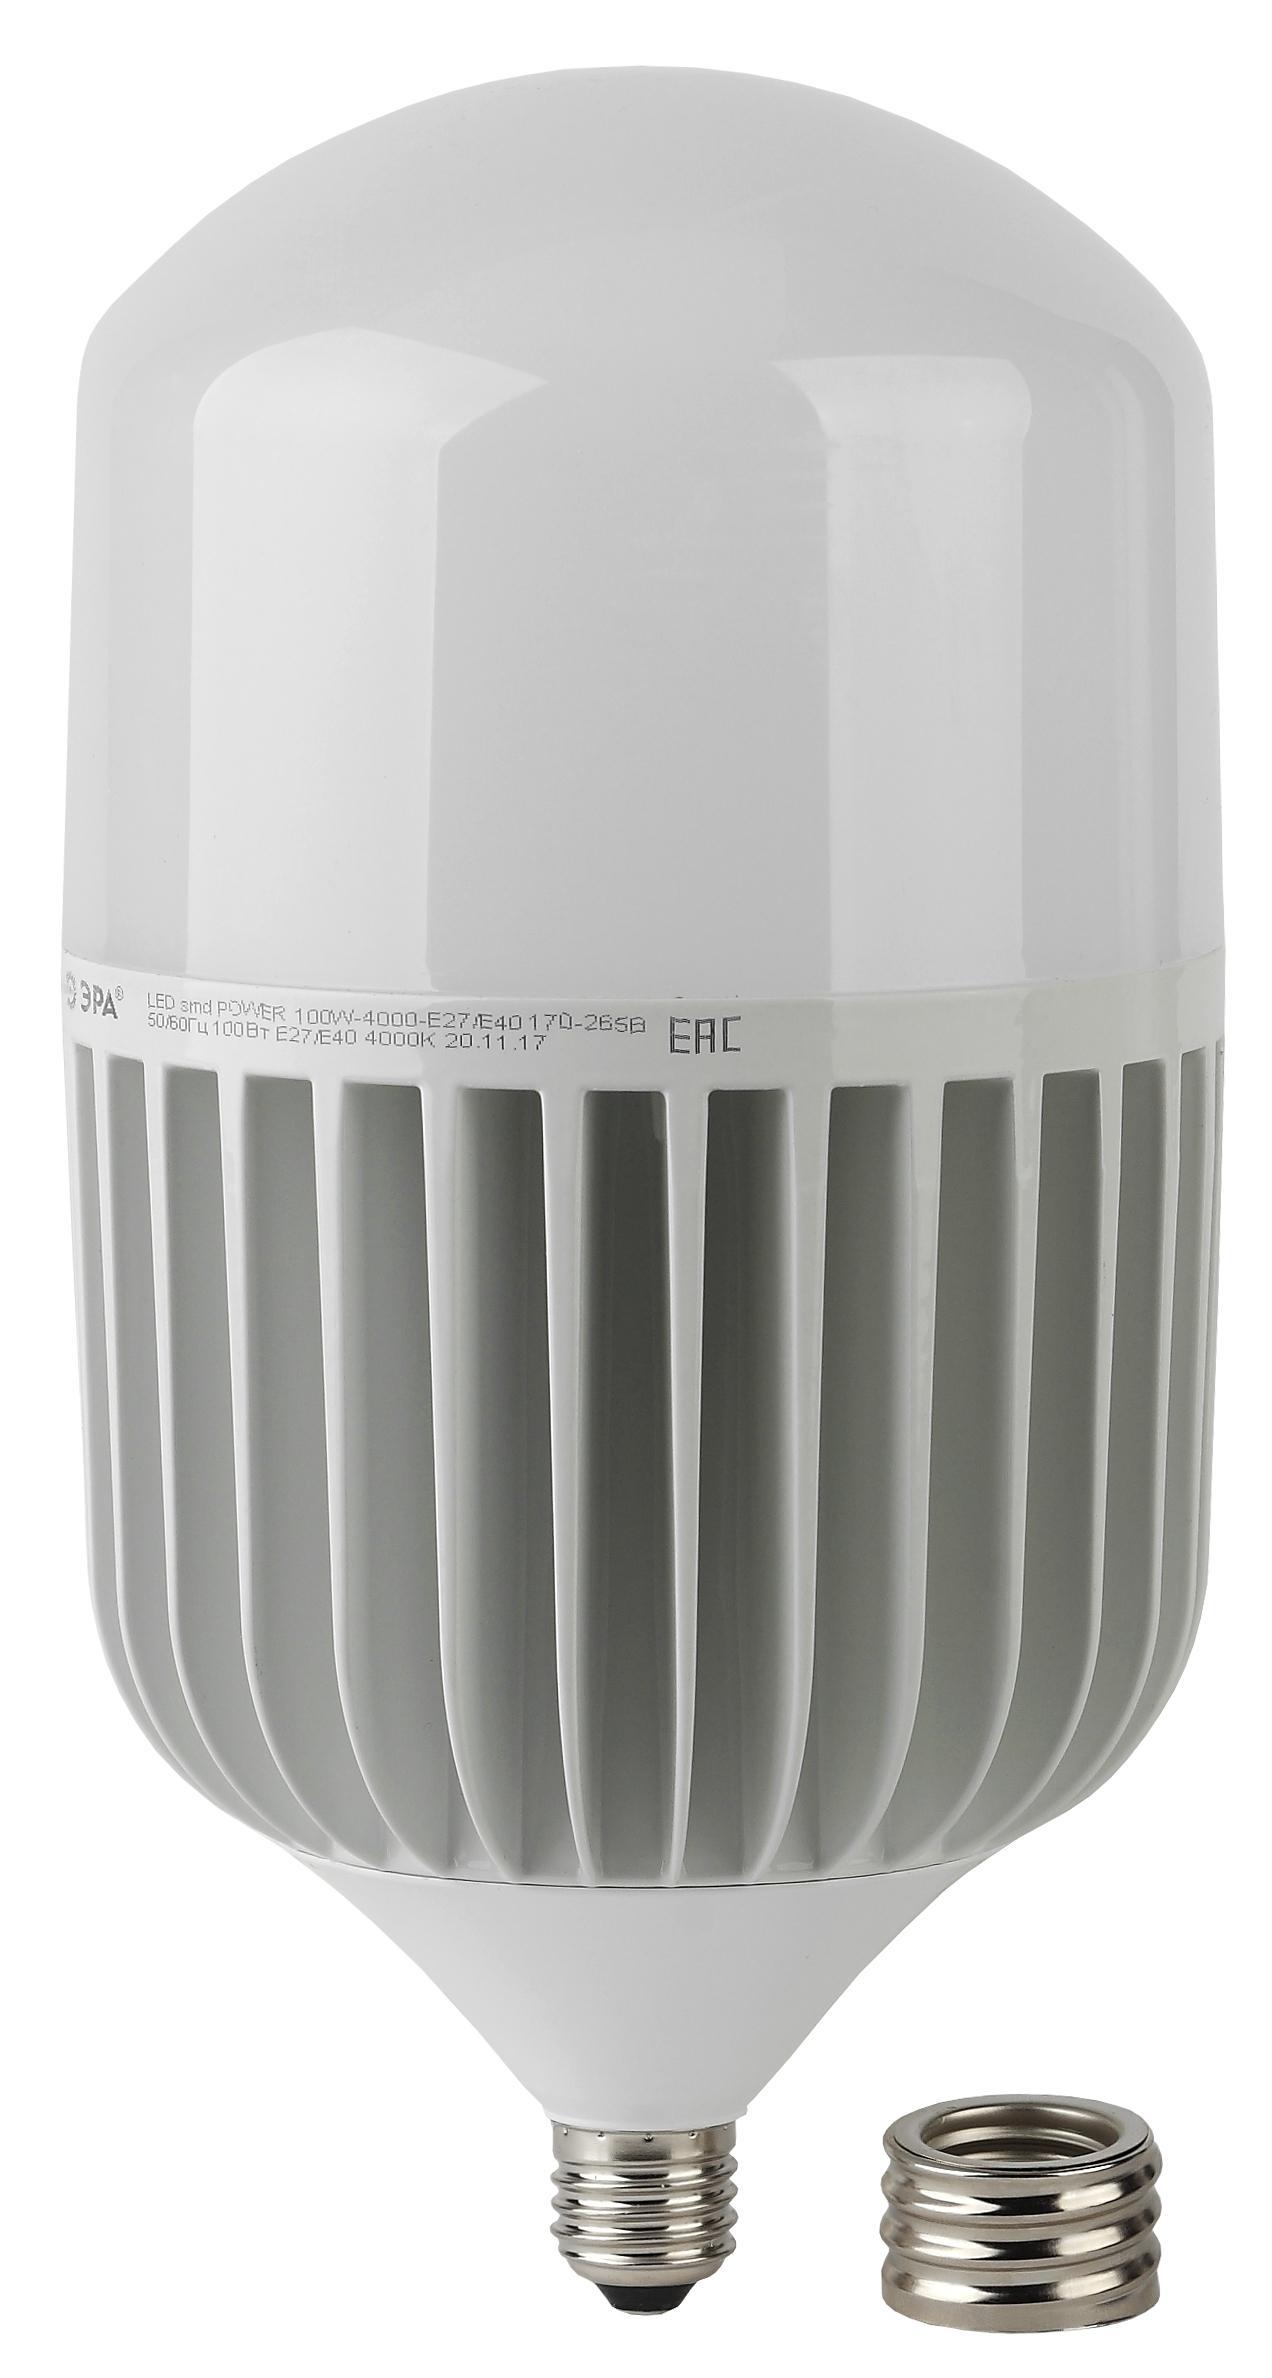 Лампа ЭРА Led power t160-100w-6500-e27/e40 (Б0032090)